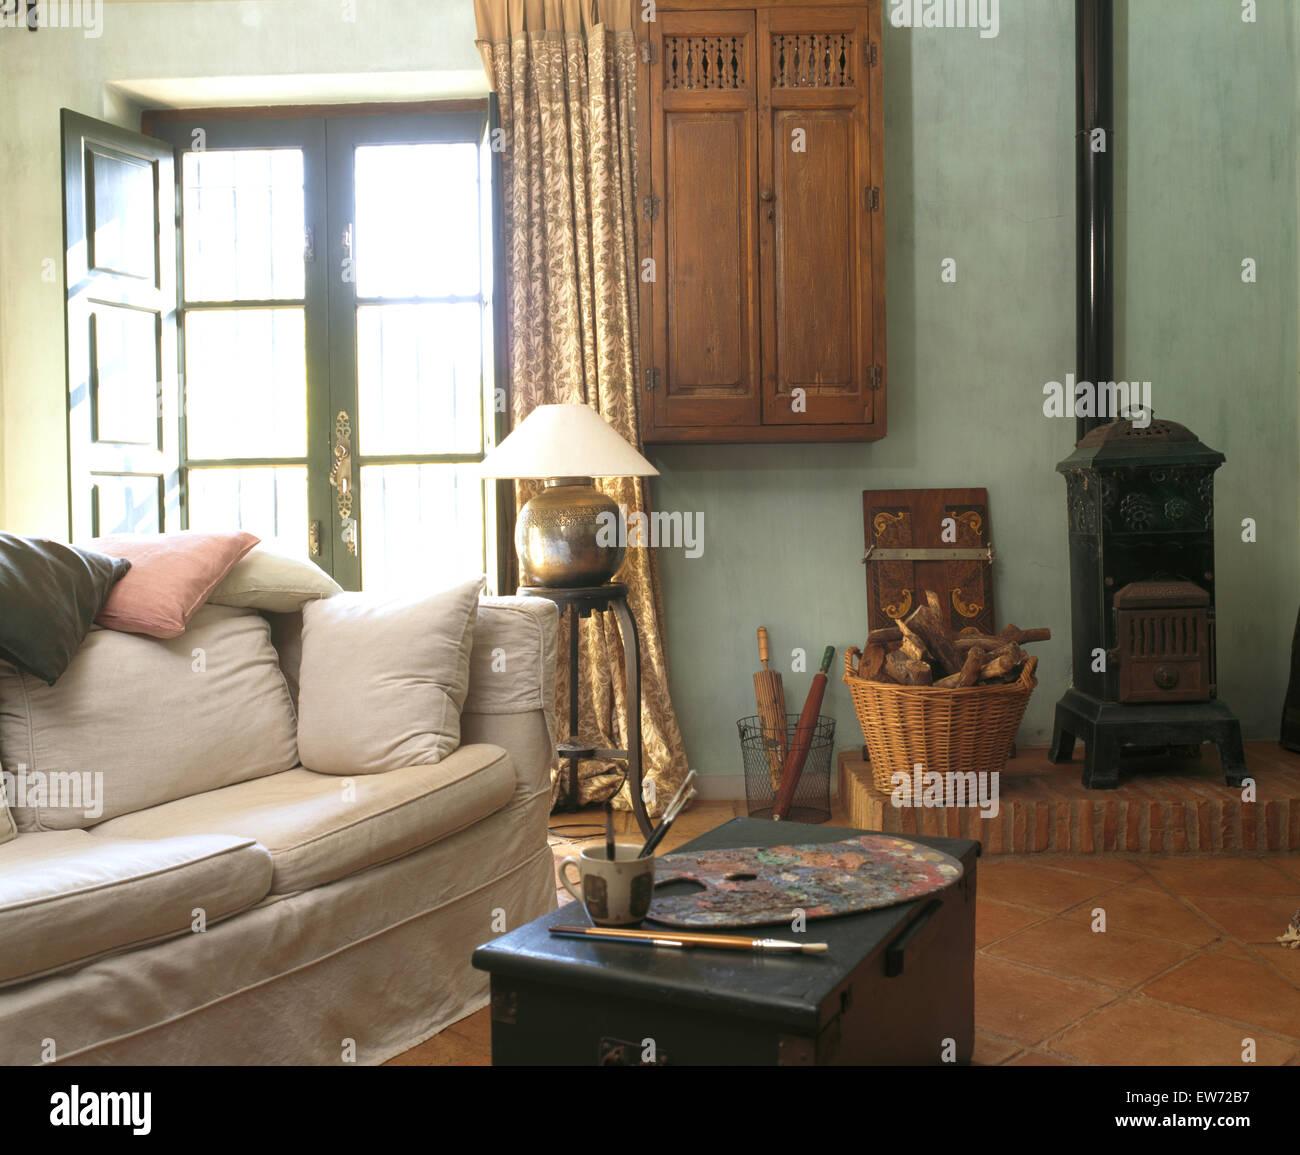 Kleinen Holzofen Ofen Und Weißen Sofa Im Wohnzimmer Spanischen Land